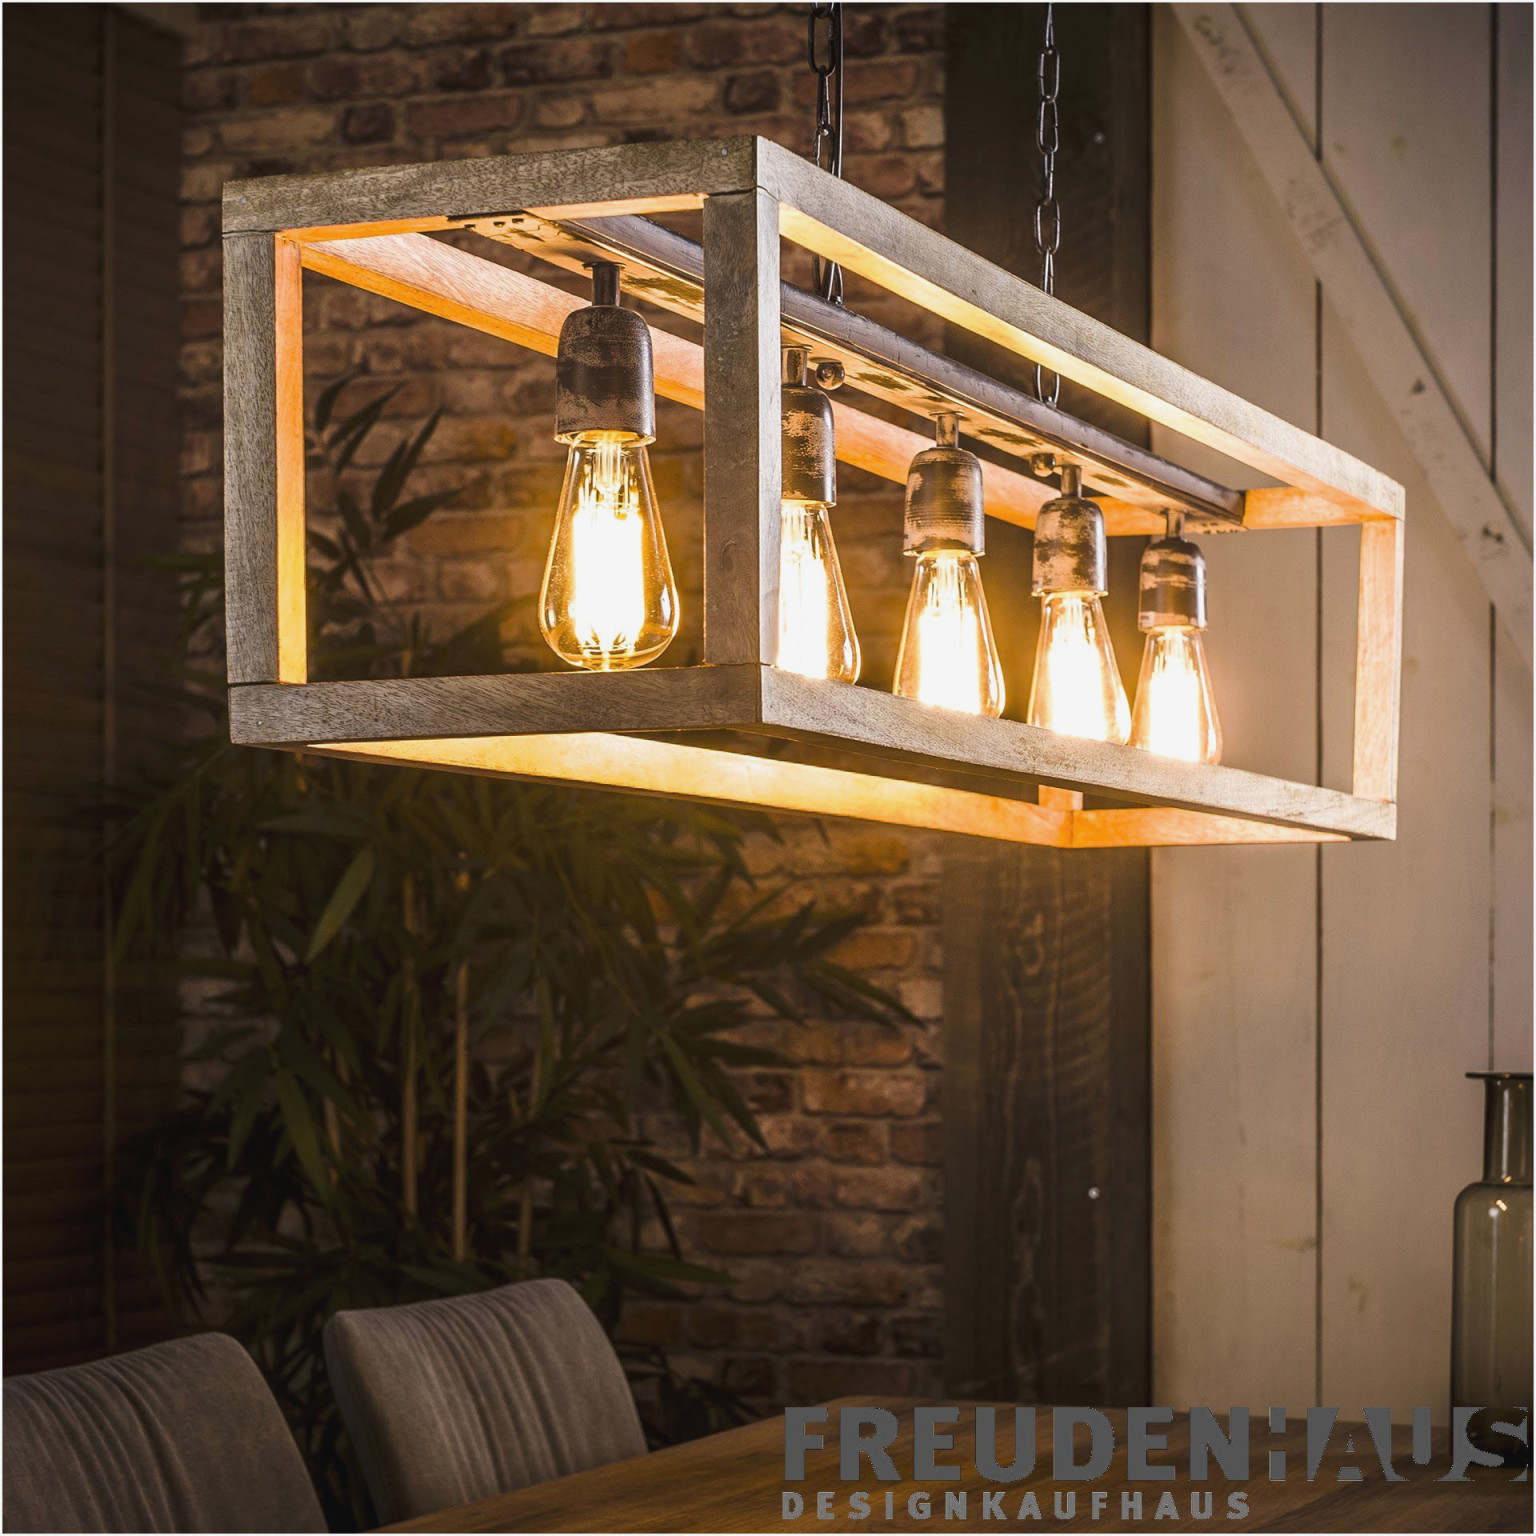 Holz Rustikal Lampe Wohnzimmer  Wohnzimmer  Traumhaus von Wohnzimmer Lampe Rustikal Bild